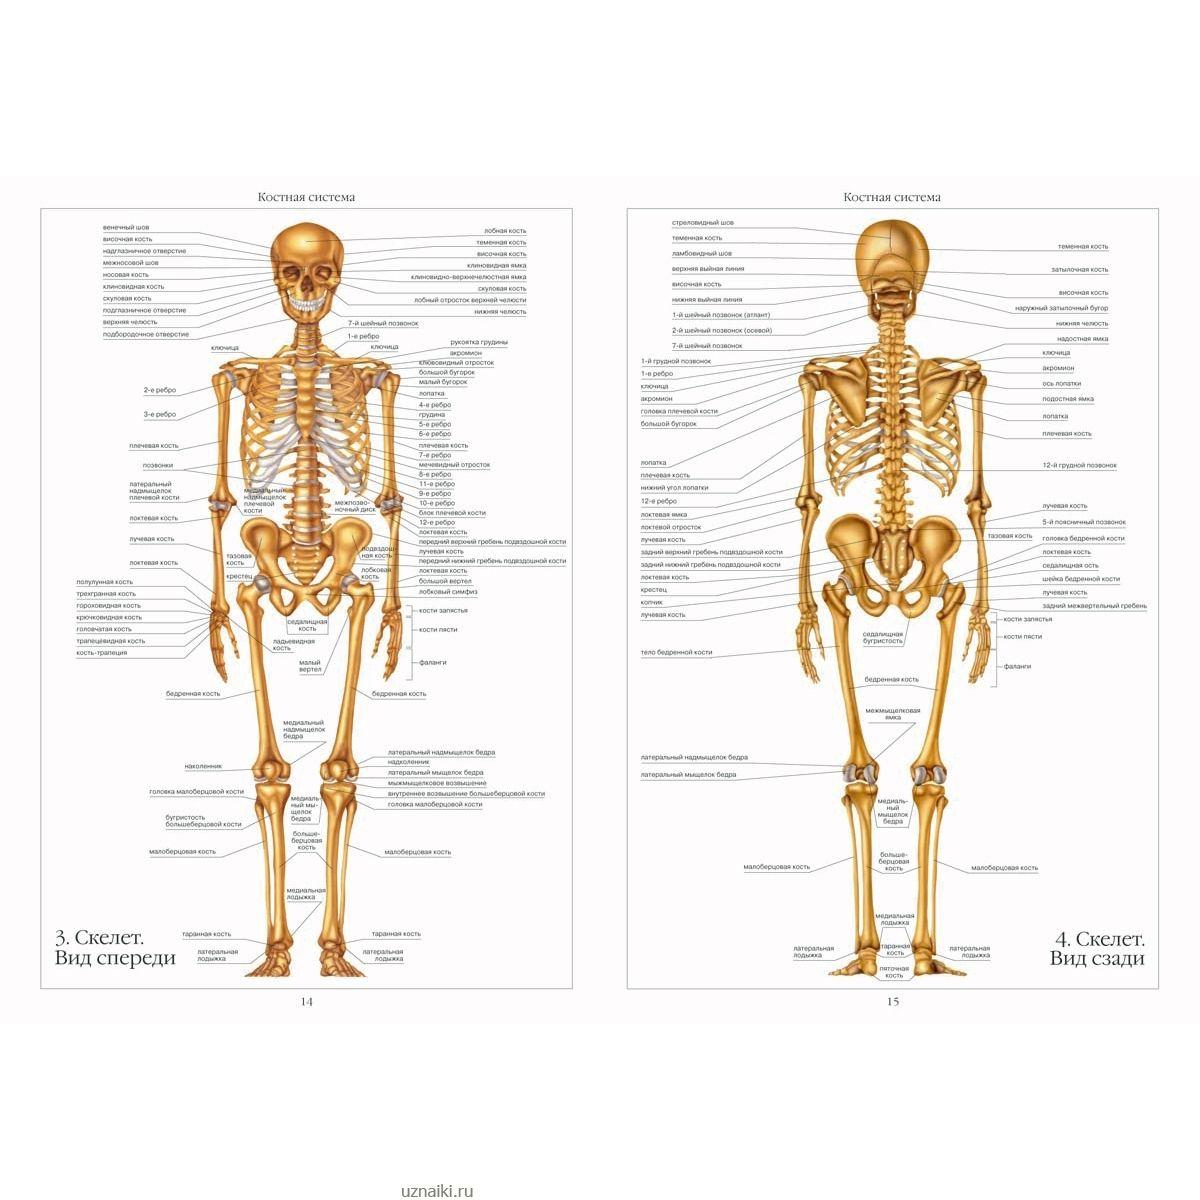 анатомия человека с фотографиями внутренних органов